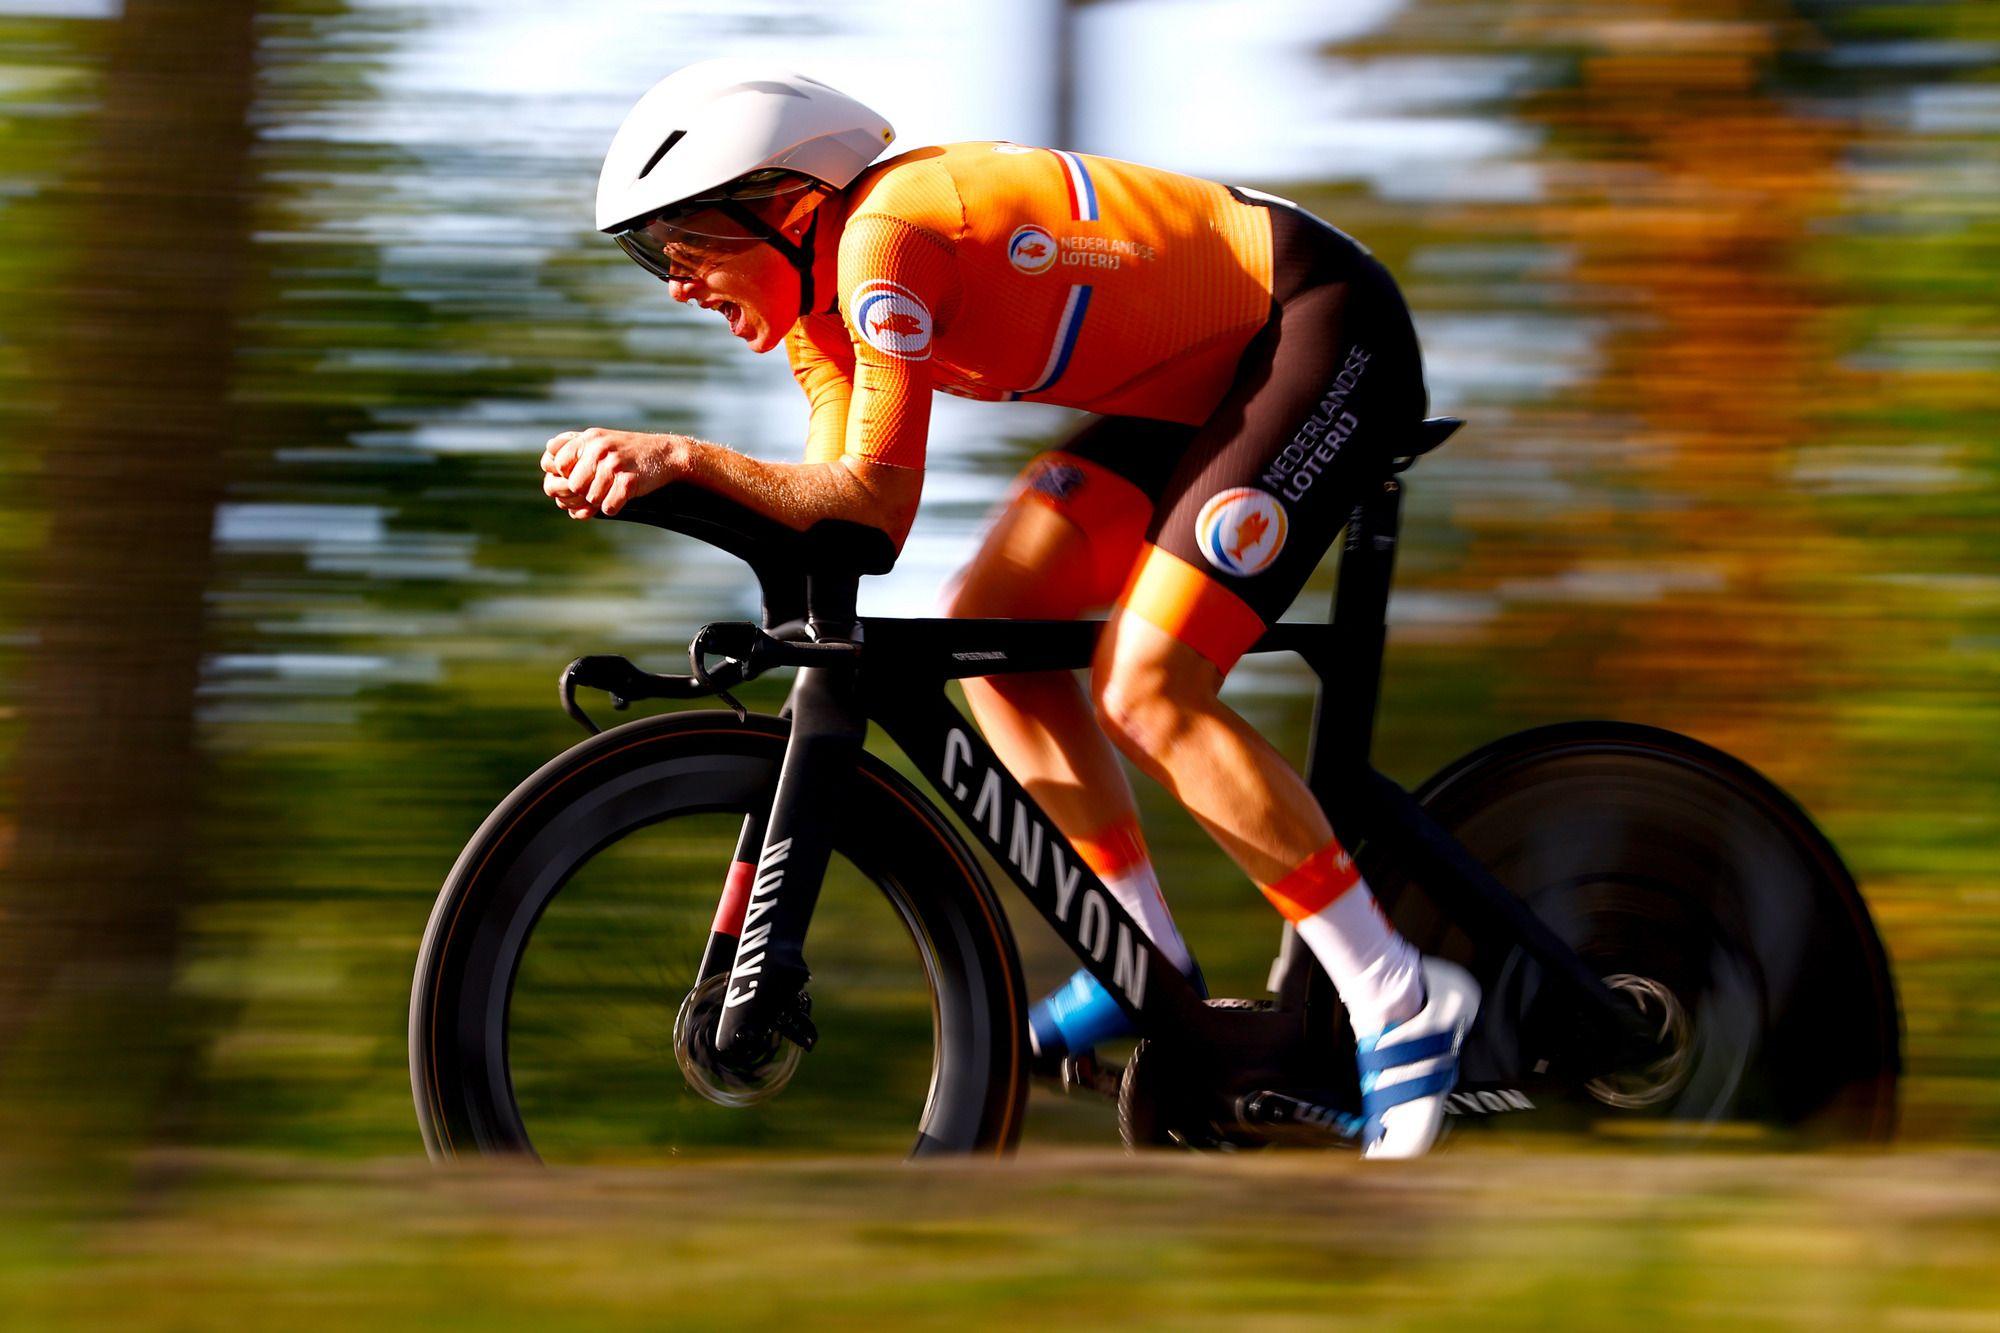 荷兰车手艾伦-范戴克世锦赛女子计时赛夺金-领骑网